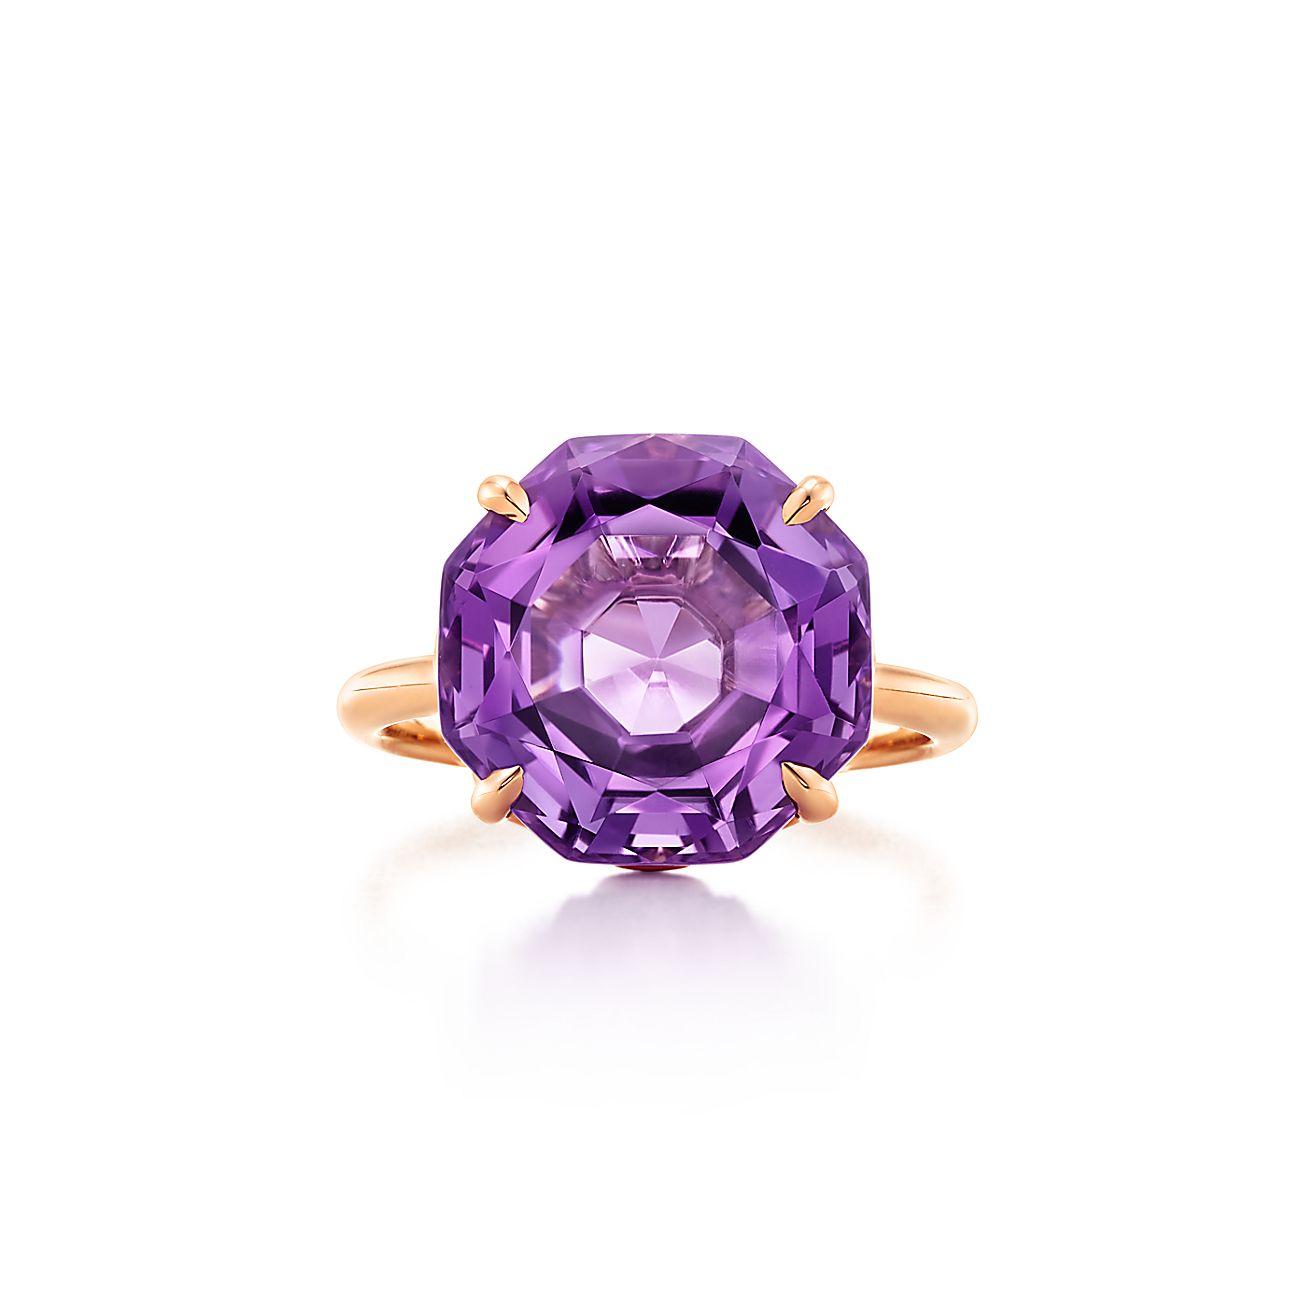 Tiffany Sparklers:Octagonal Amethyst Ring